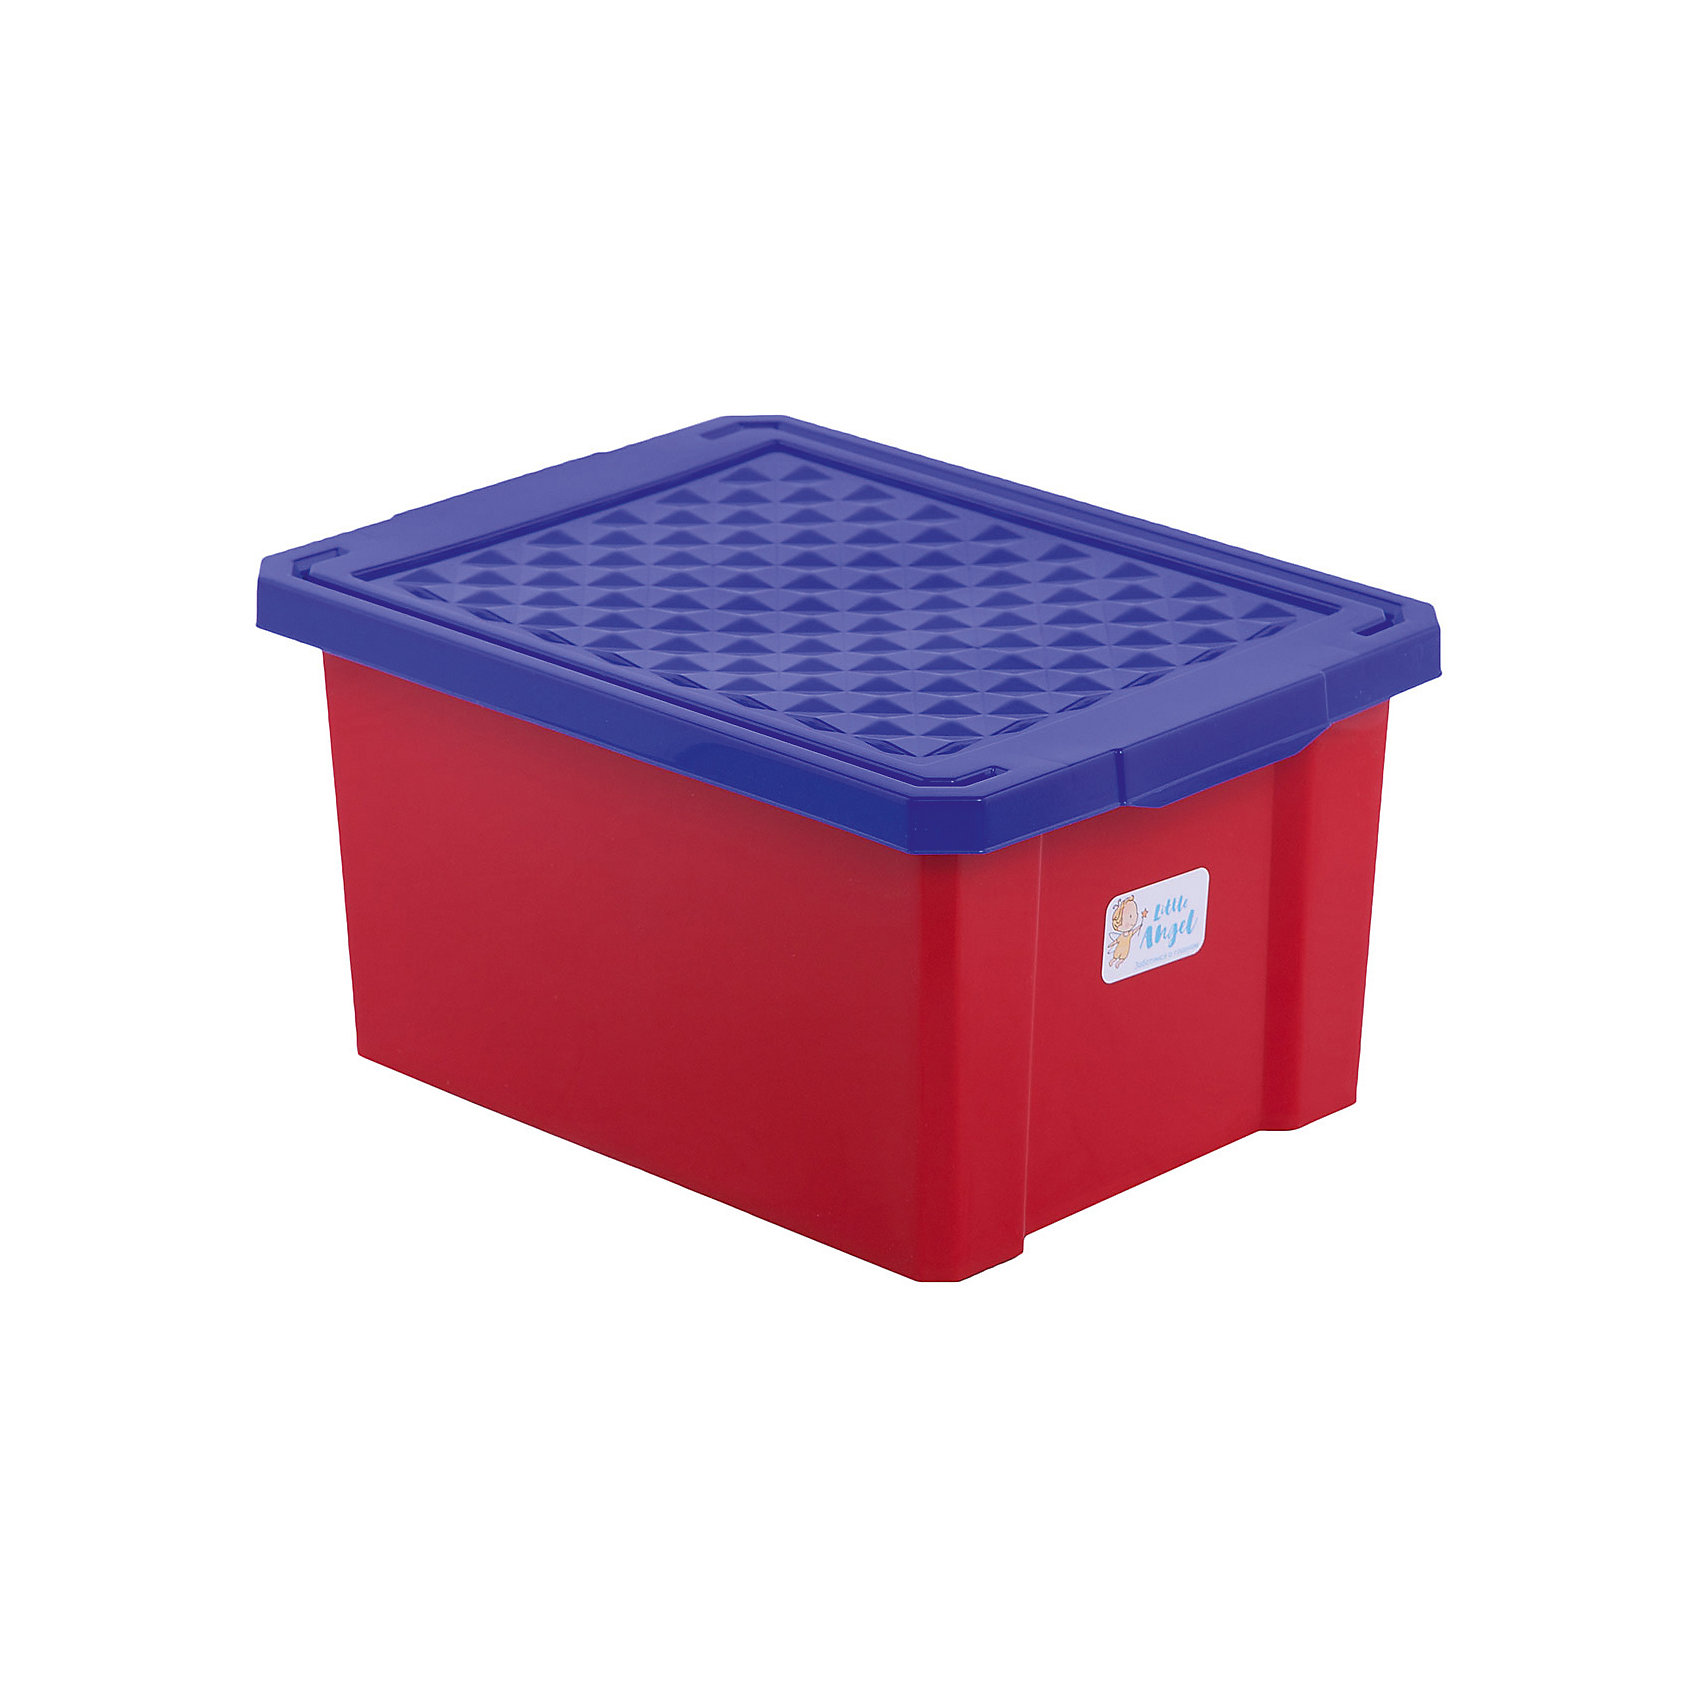 Ящик для хранения игрушек малый 17л, Little Angel, красный легоПорядок в детской<br>Ящик для хранения игрушек малый 17 л, Little Angel, красный лего изготовлен отечественным производителем . Выполненный из высококачественного пластика, устойчивого к внешним повреждениям и изменению цвета, ящик станет не только необходимым предметом для хранения детских игрушек и принадлежностей, но и украсит детскую комнату своим ярким дизайном. Ящик выполнен в красном цвете, крышка – ярко синяя. Ящик оснащен крышкой, что защитит хранящиеся в нем предметы от пыли. <br>Ящик для хранения игрушек малый 17 л, Little Angel, красный лего достаточно прост в уходе, его можно протирать влажной губкой или мыть в теплой воде. <br><br>Дополнительная информация:<br><br>- Предназначение: для дома<br>- Цвет: красный<br>- Пол: для мальчика/для девочки<br>- Материал: пластик<br>- Размер (Д*Ш*В): 40,5*30,5*21 см<br>- Объем: 17 л<br>- Вес: 661 г<br>- Особенности ухода: разрешается мыть теплой водой<br><br>Подробнее:<br><br>• Для детей в возрасте: от 2 лет и до 7 лет<br>• Страна производитель: Россия<br>• Торговый бренд: Little Angel<br><br>Ящик для хранения игрушек малый 17 л, Little Angel, красный лего можно купить в нашем интернет-магазине.<br><br>Ширина мм: 405<br>Глубина мм: 305<br>Высота мм: 210<br>Вес г: 661<br>Возраст от месяцев: 24<br>Возраст до месяцев: 84<br>Пол: Унисекс<br>Возраст: Детский<br>SKU: 4881771